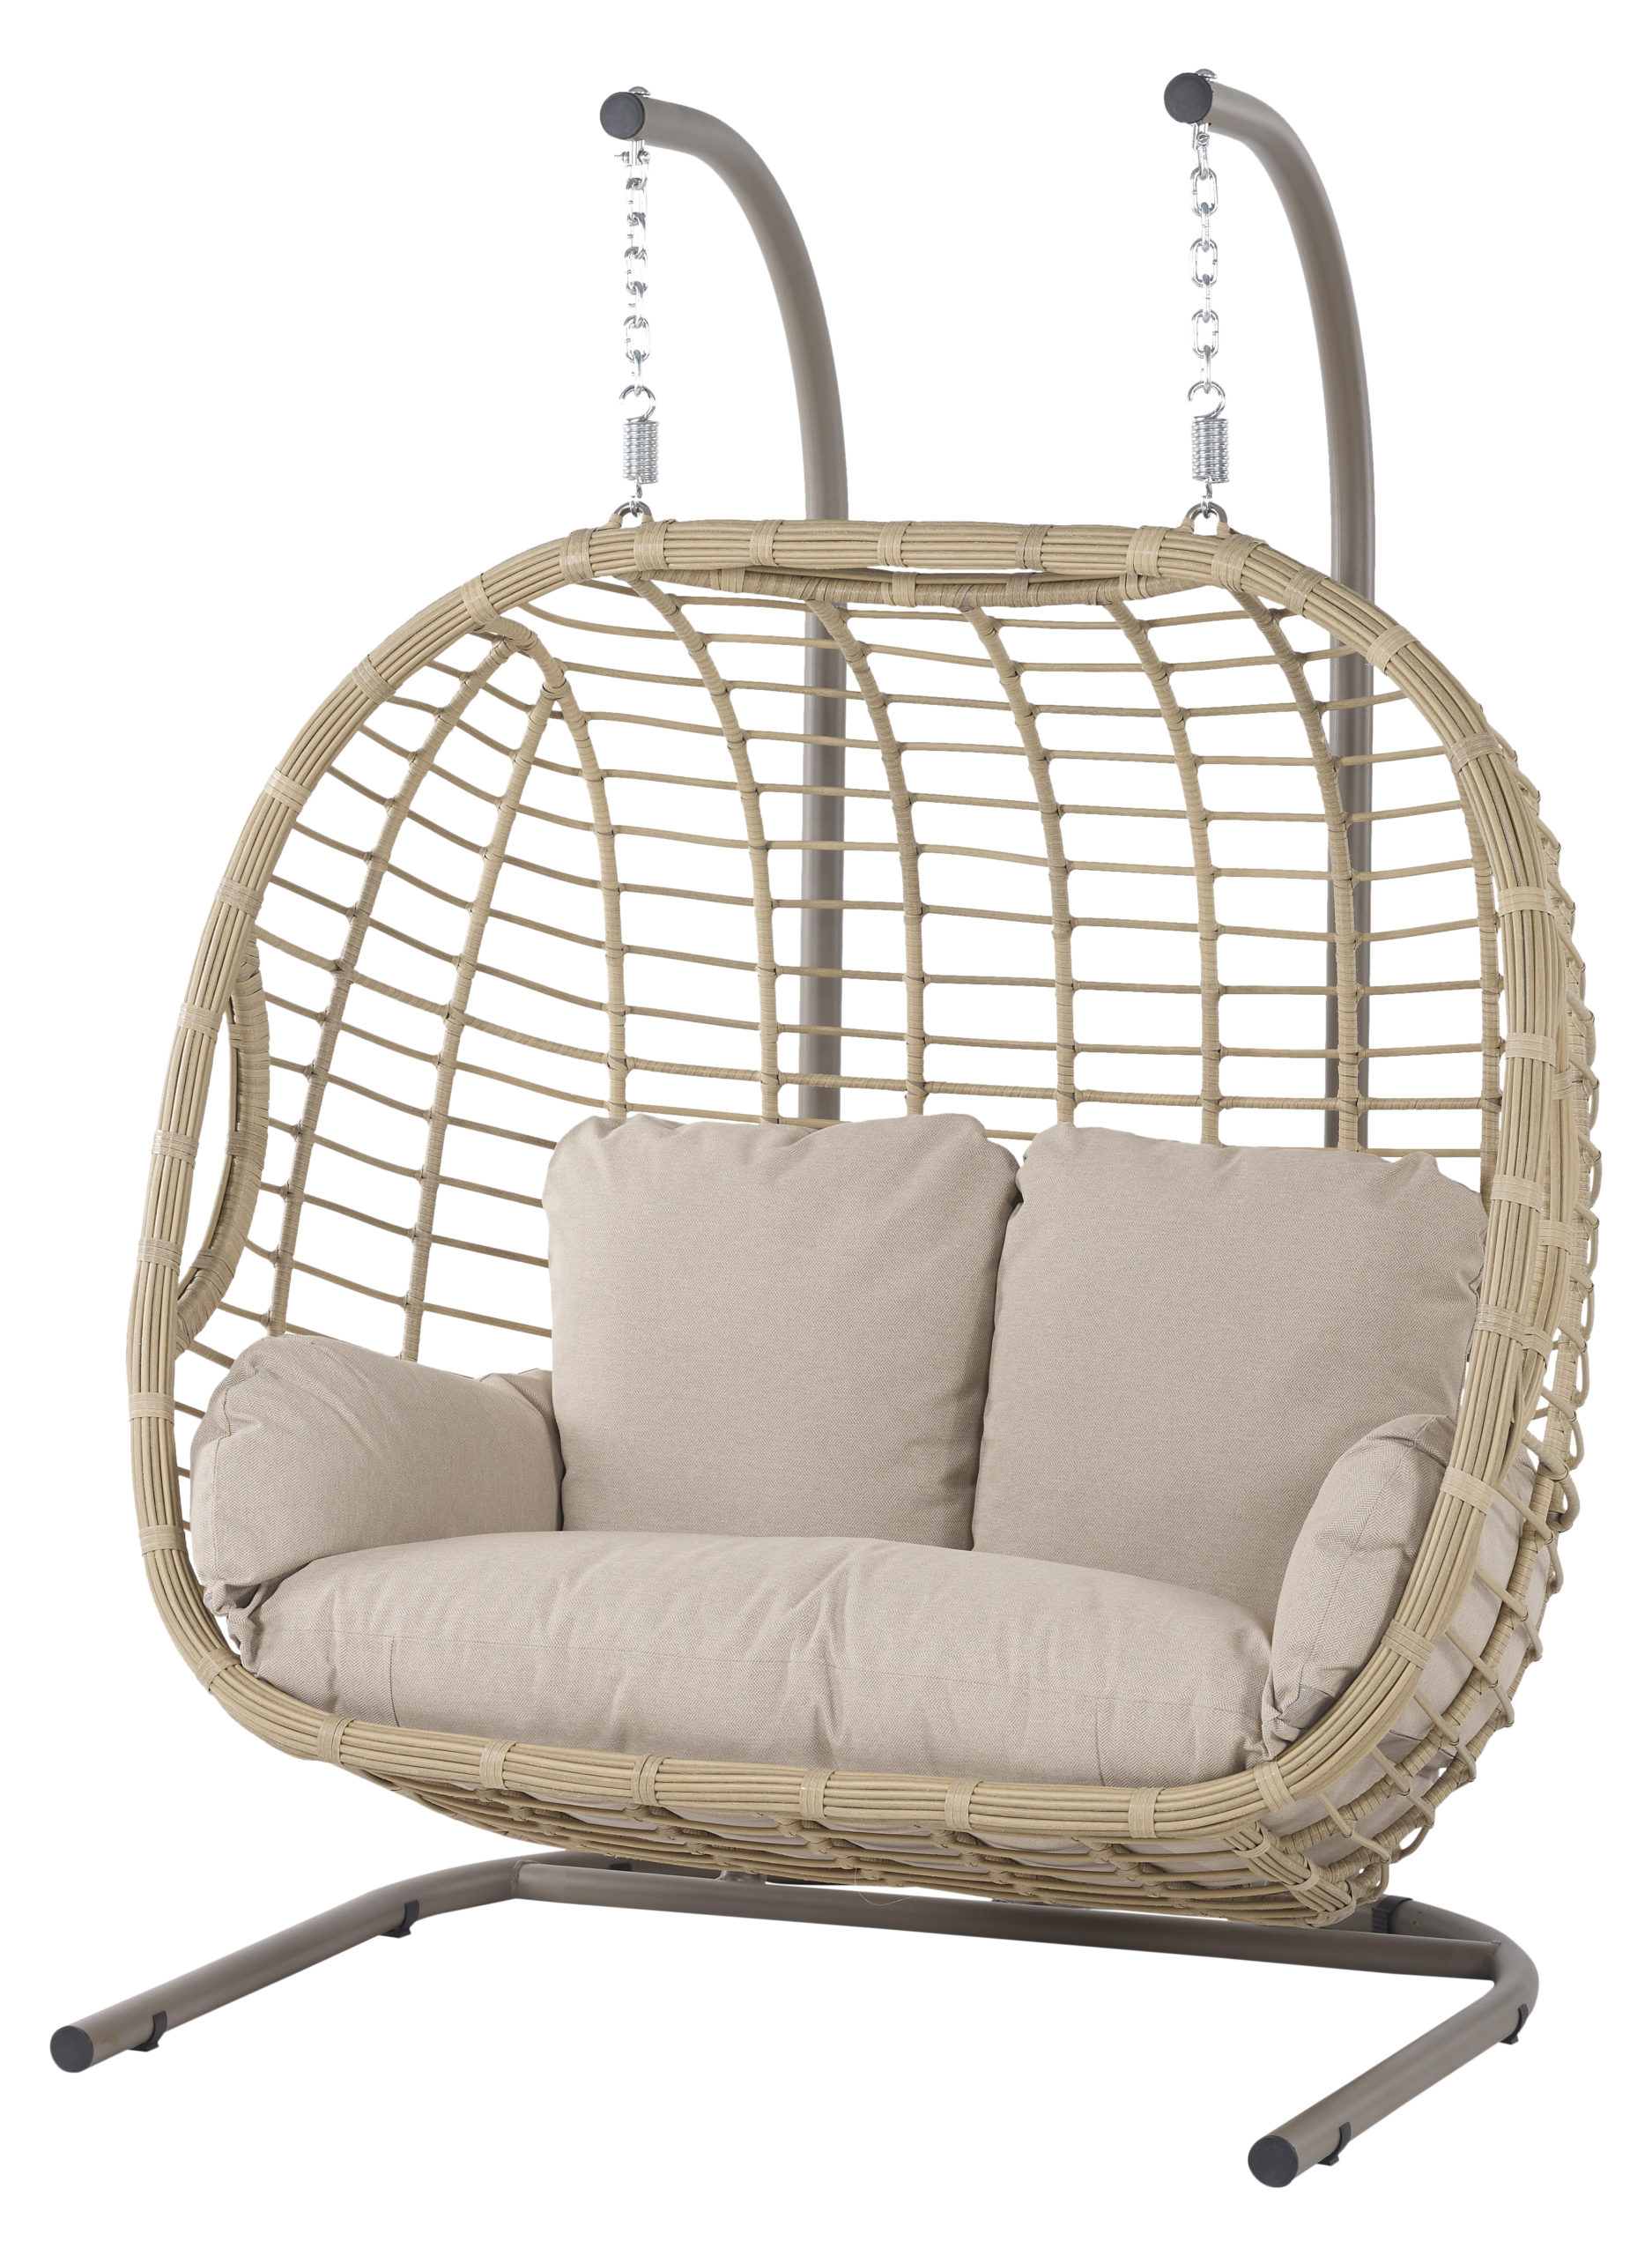 Swing chair, £796, Bramblecrest